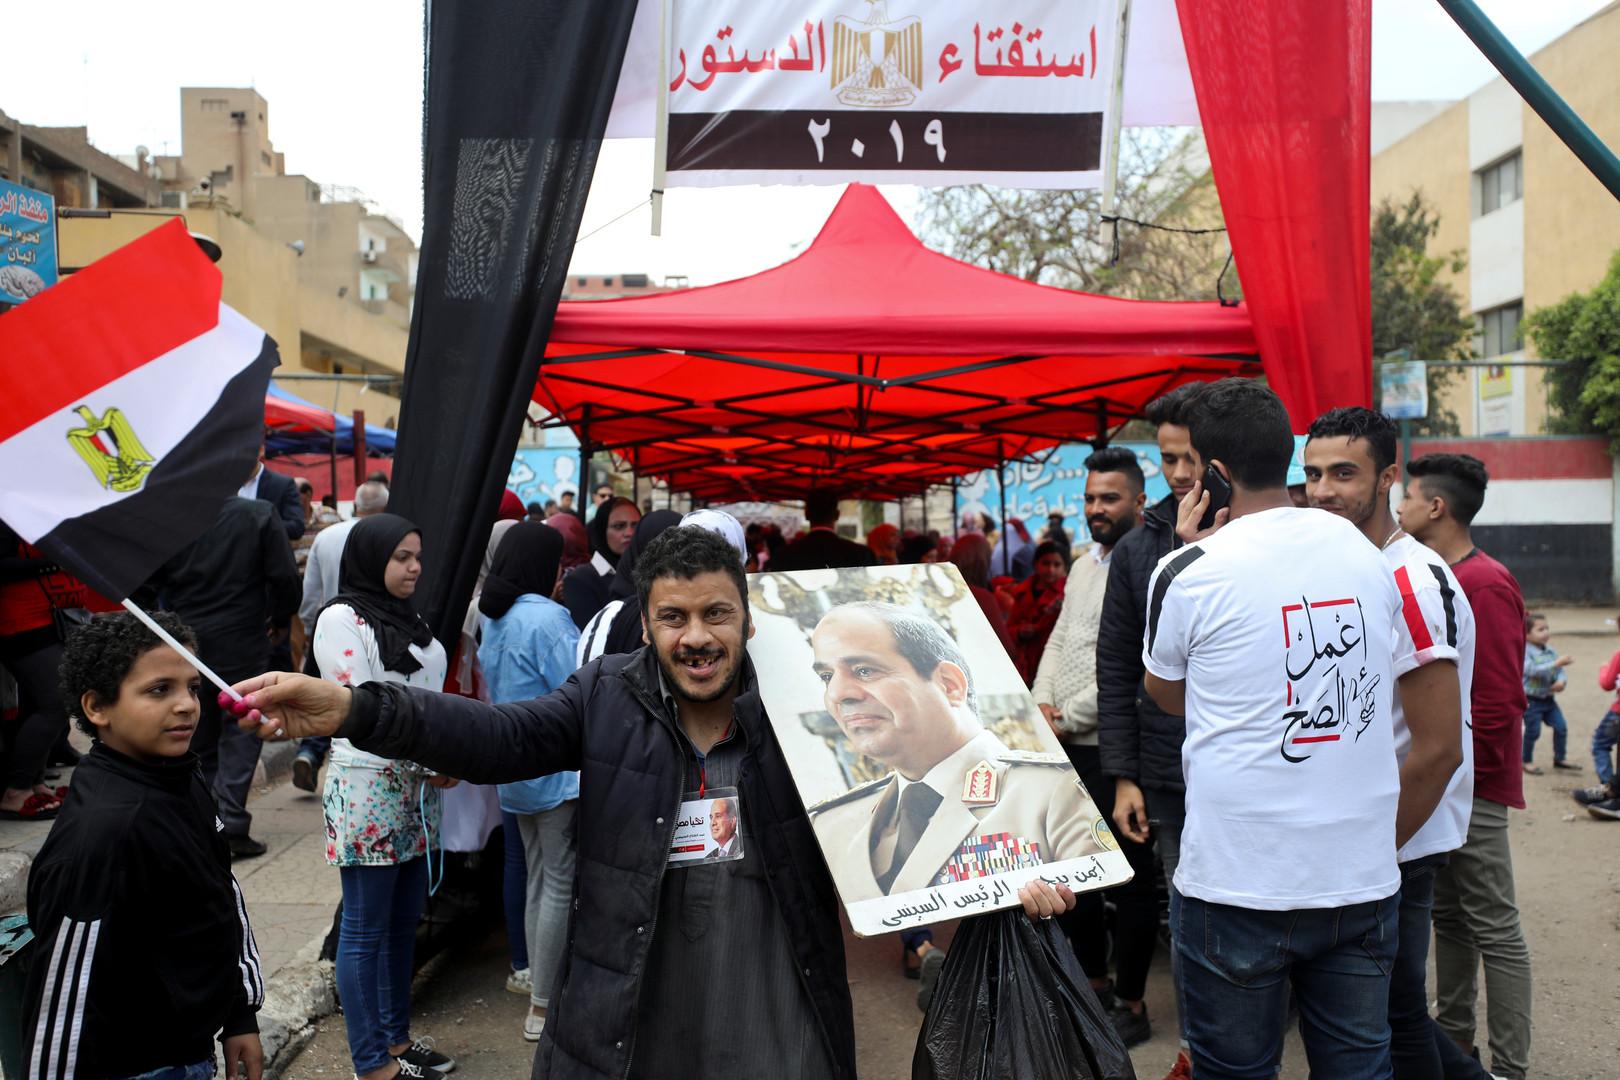 الوطنية للانتخابات: فاجأنا إقبال المصريين ولم نقرر بعد تمديد الاستفتاء